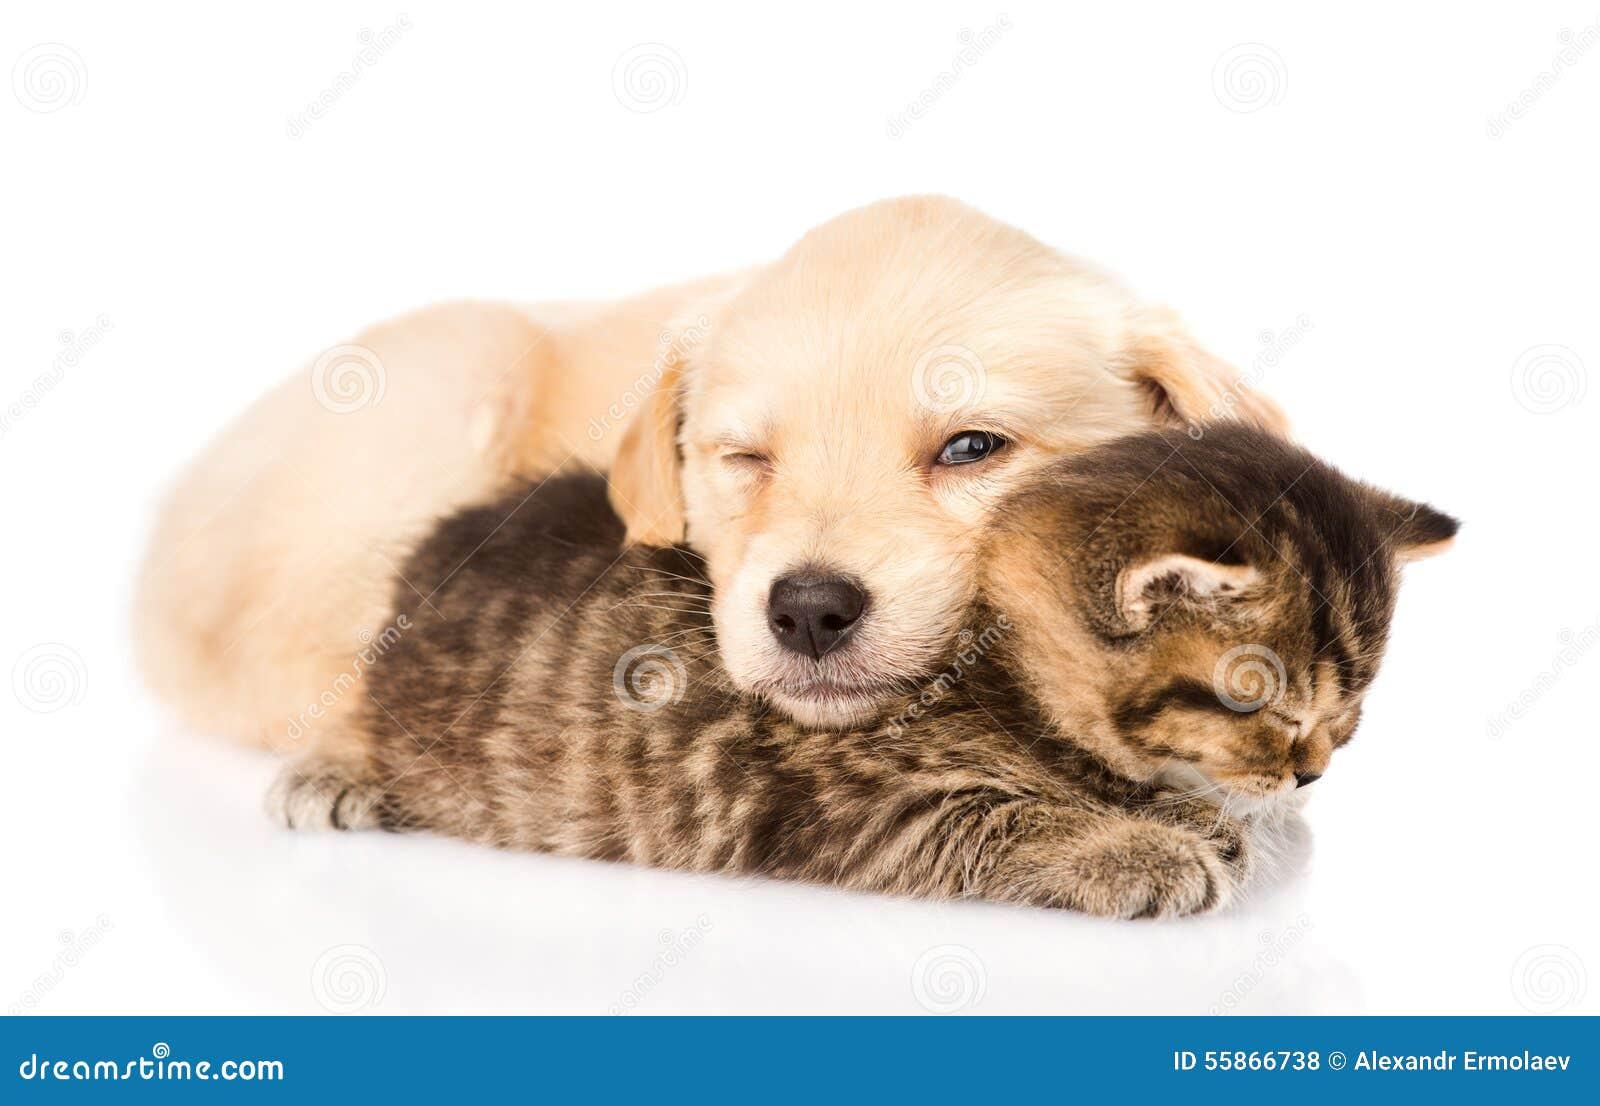 Собака щенка младенца и маленький котенок спать совместно ...